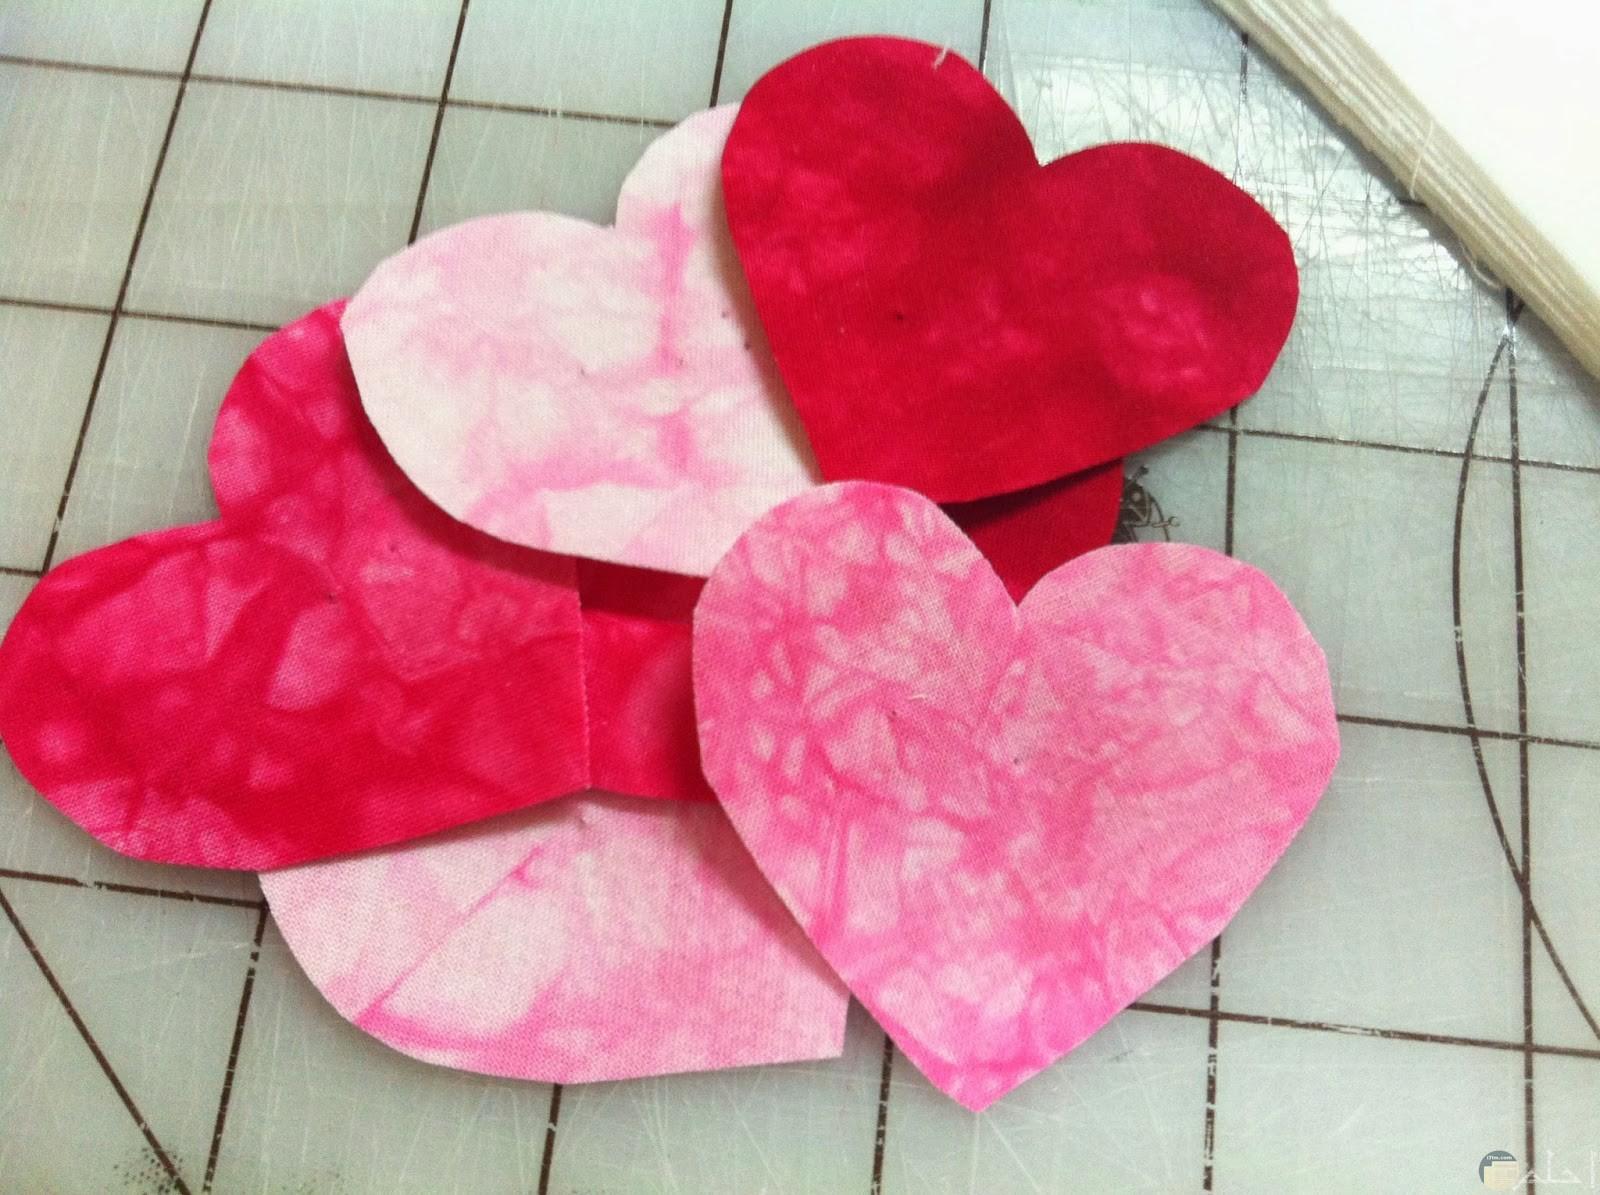 قلوب كثيرة بدرجات الوردي.